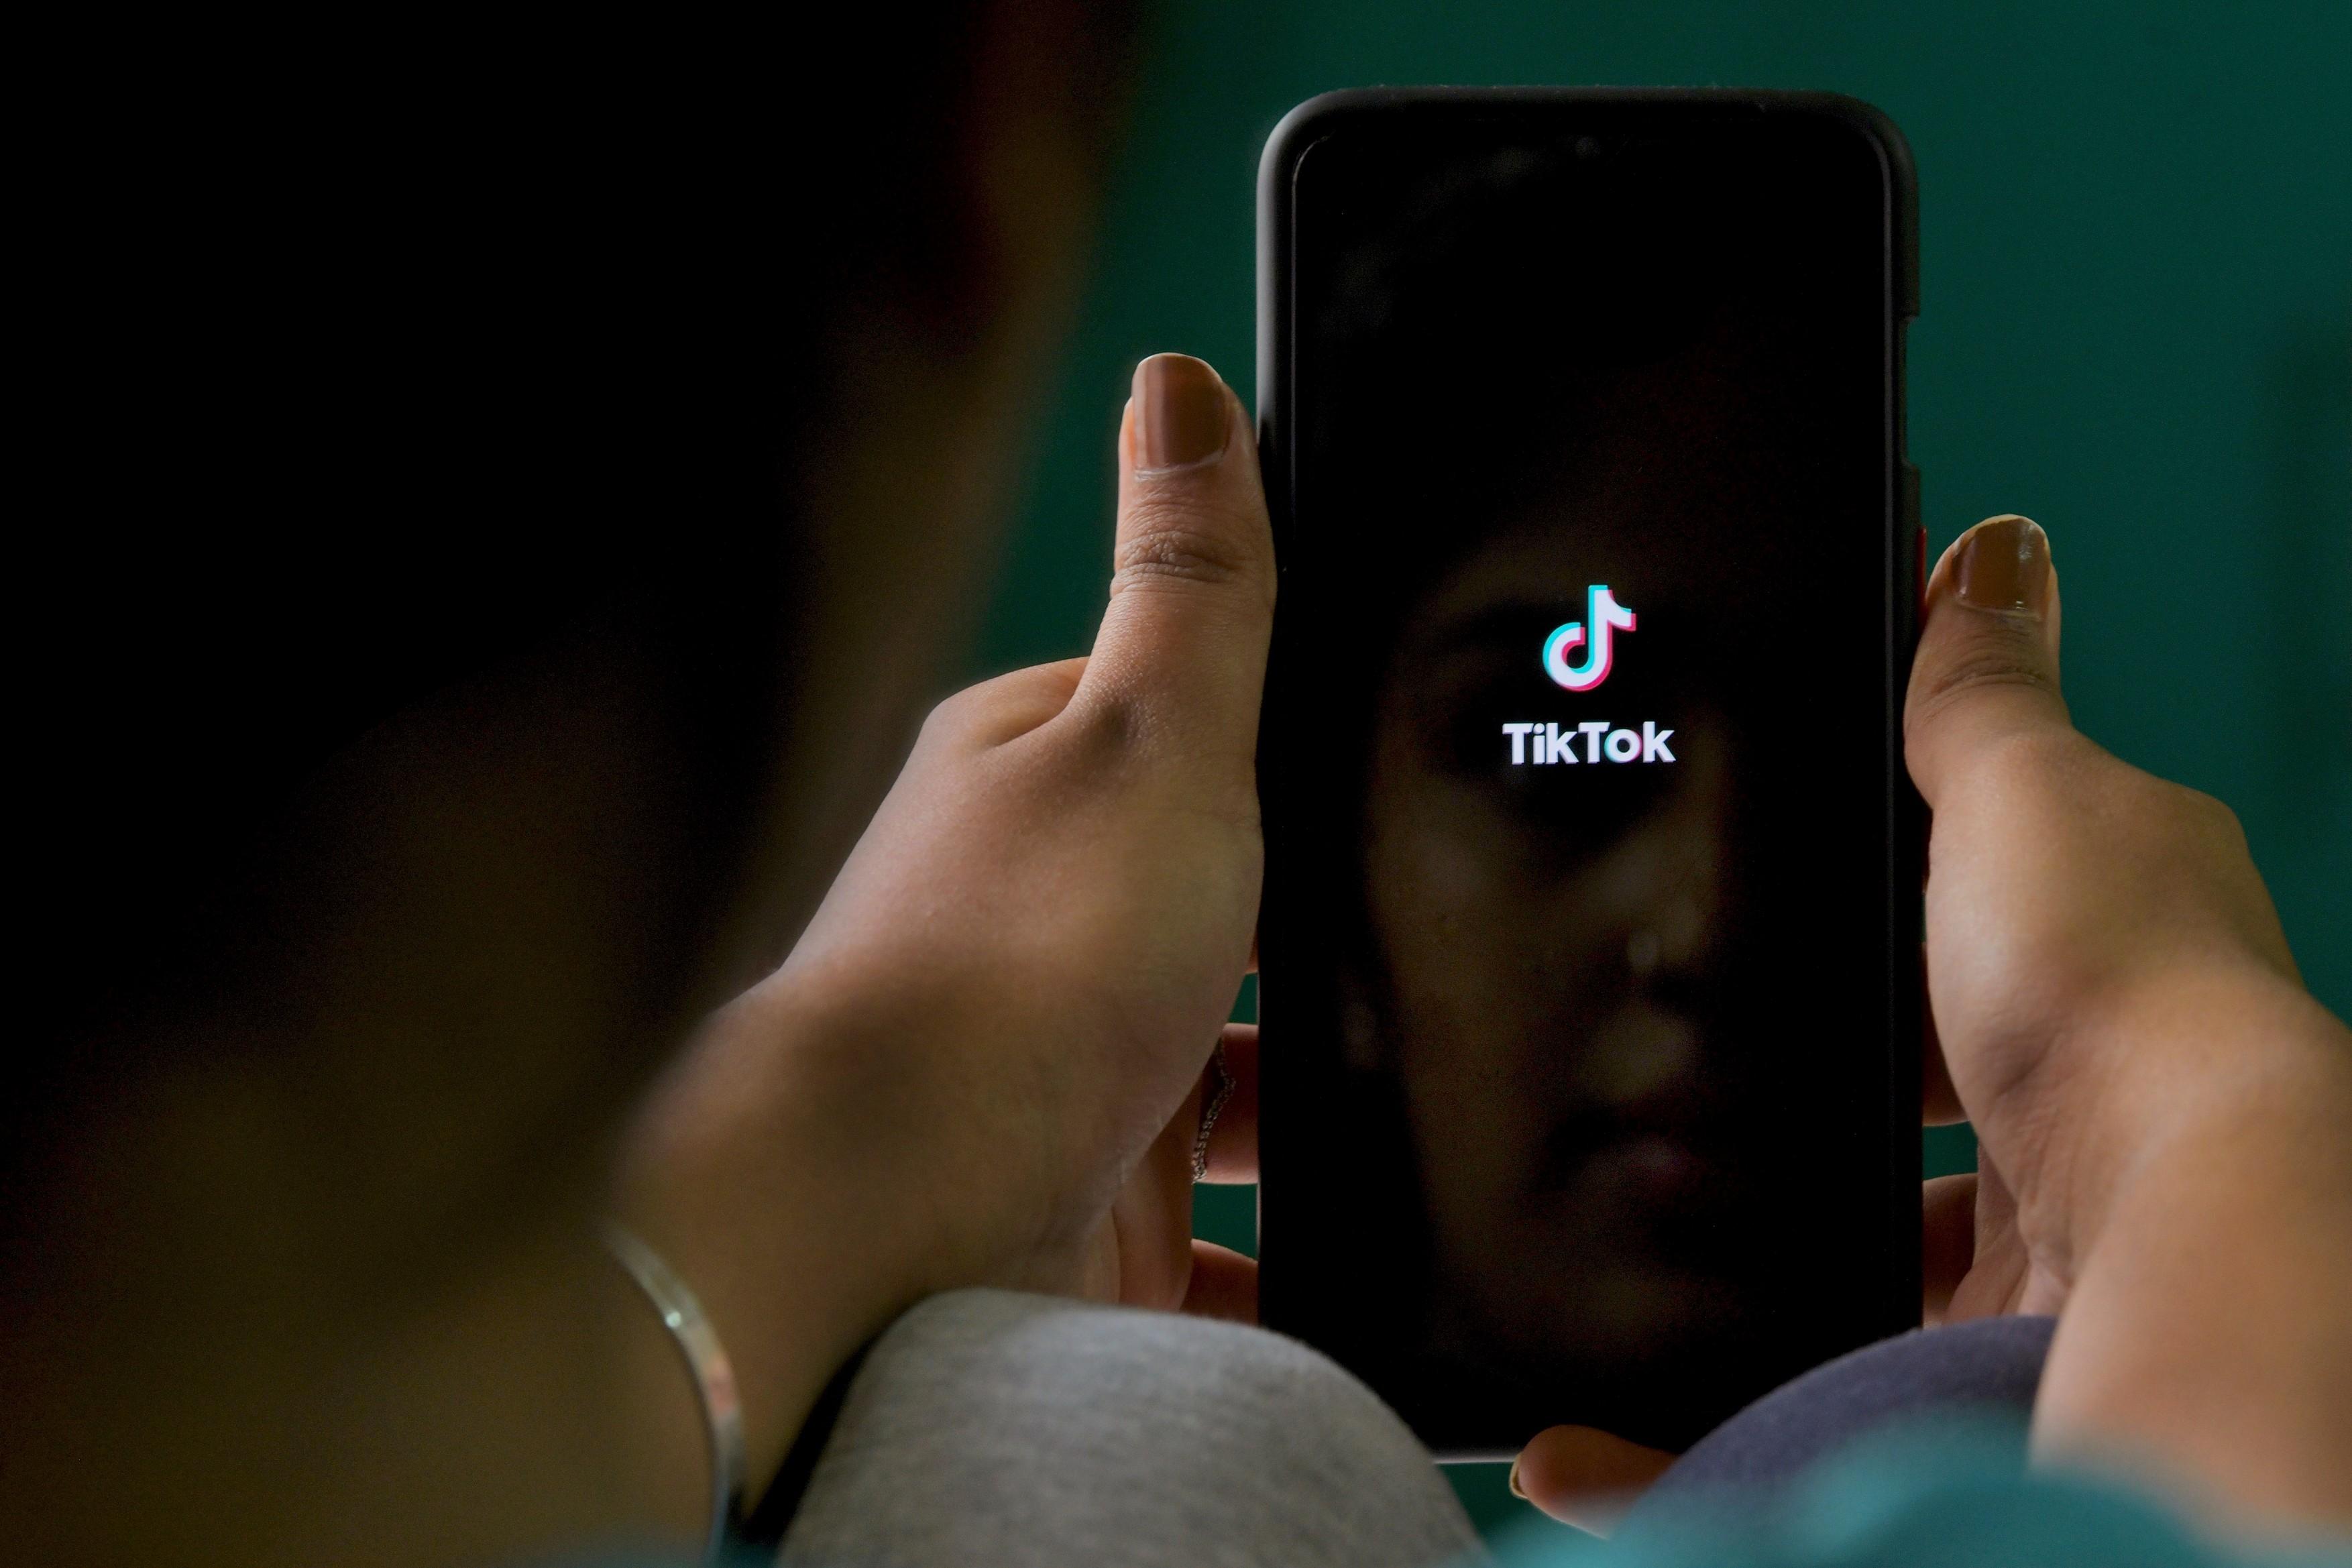 Senatul SUA a votat interzicerea TikTok pe telefoanele guvernului si ale membrilor Congresului